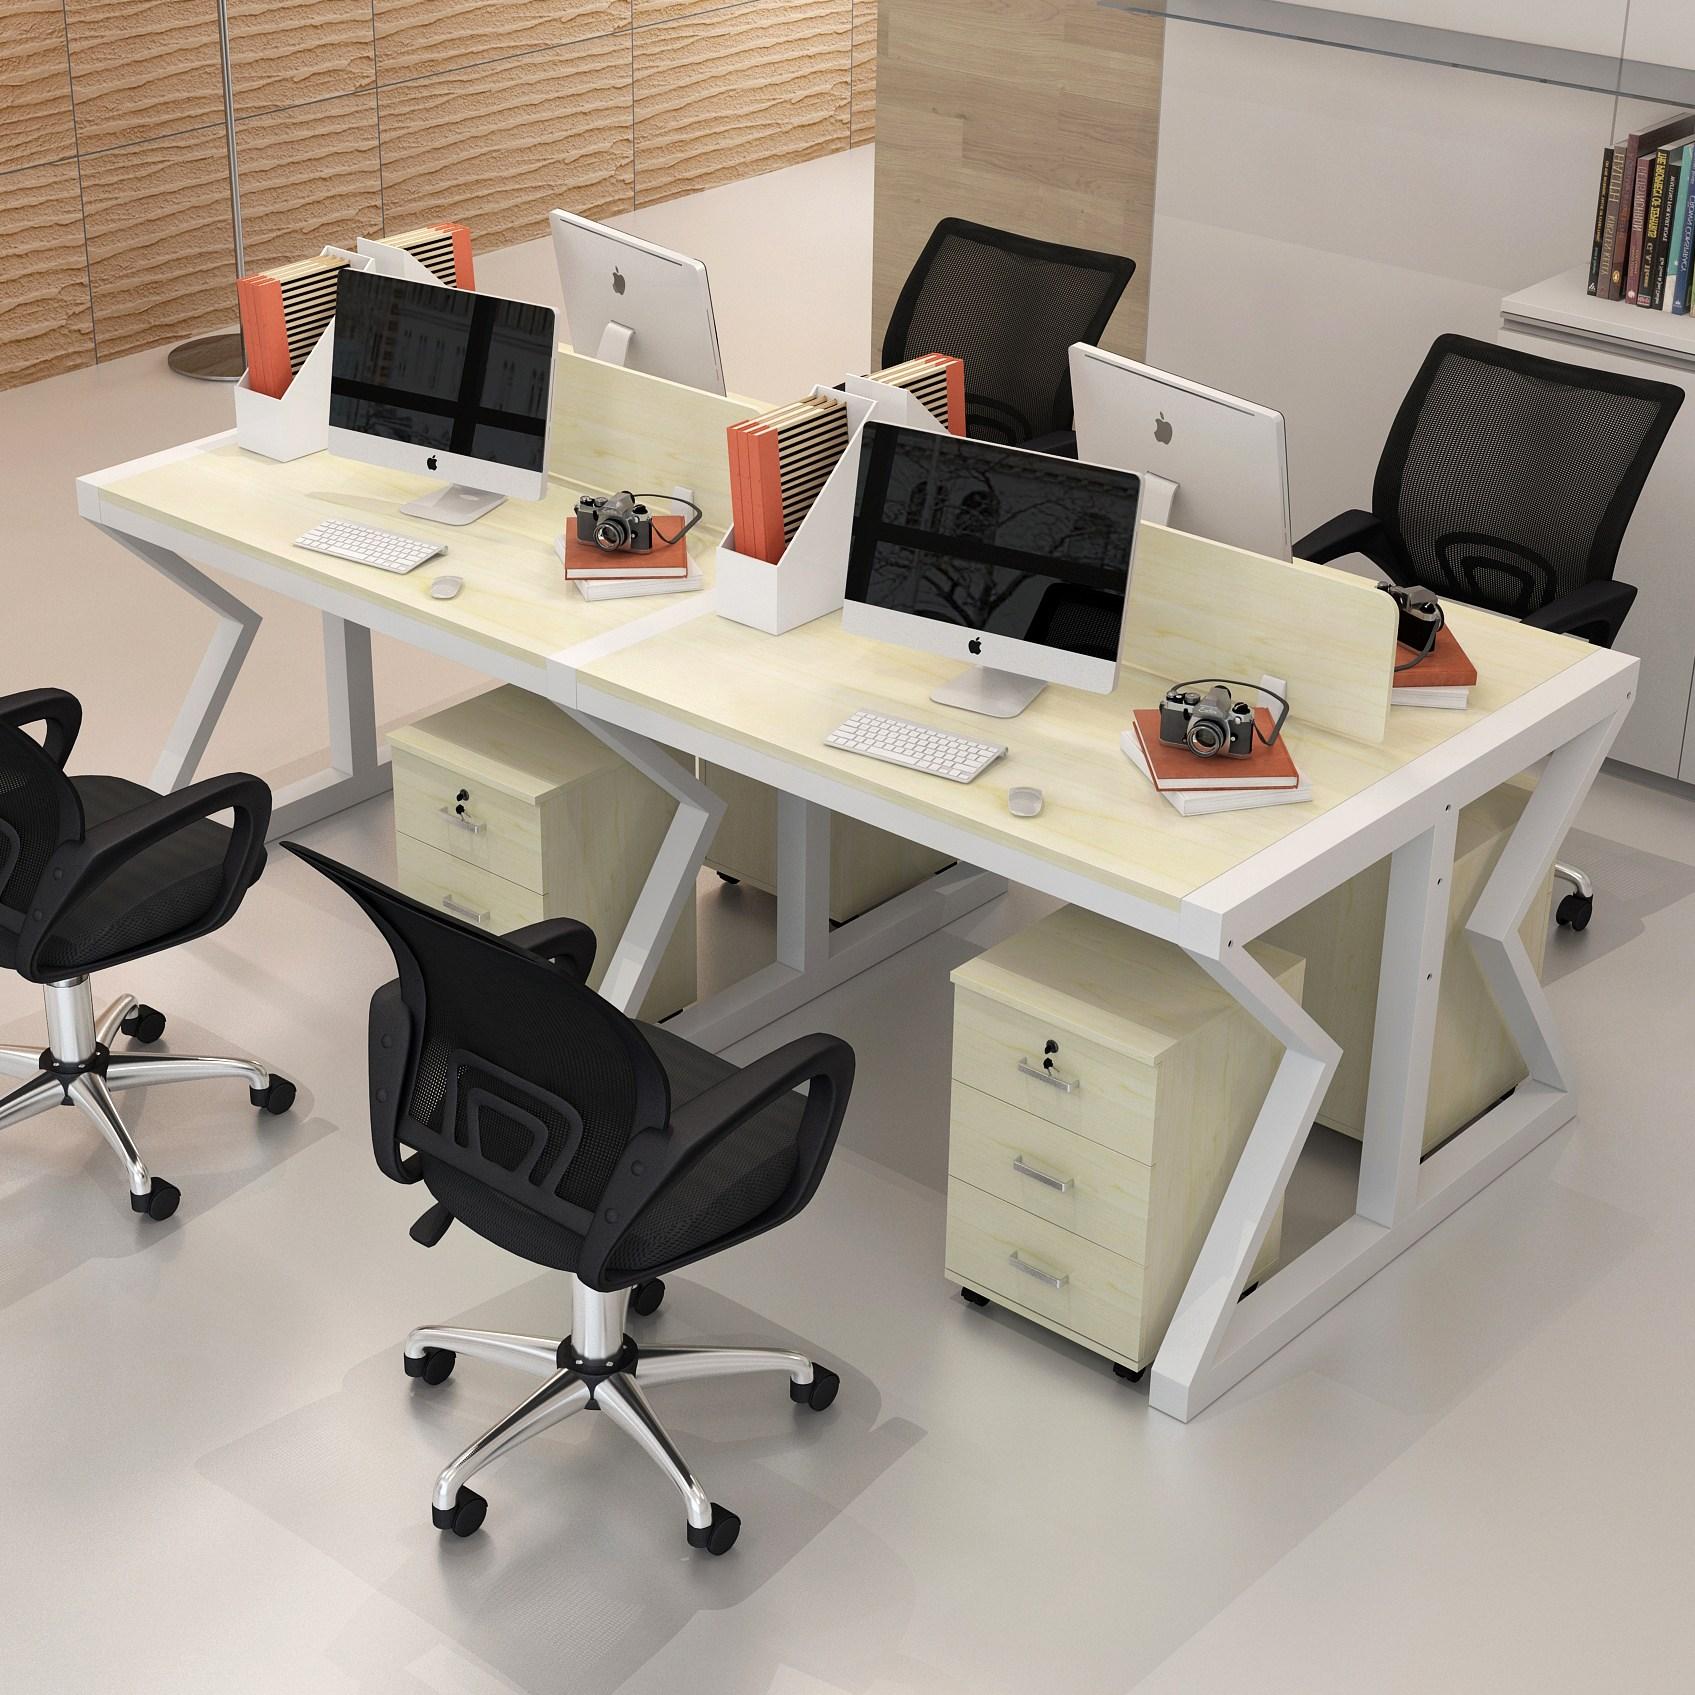 사무용의자 사무실테이블 의자조합 직원 작업공간 사륙 인용, T16-4인용 백풍+화이트